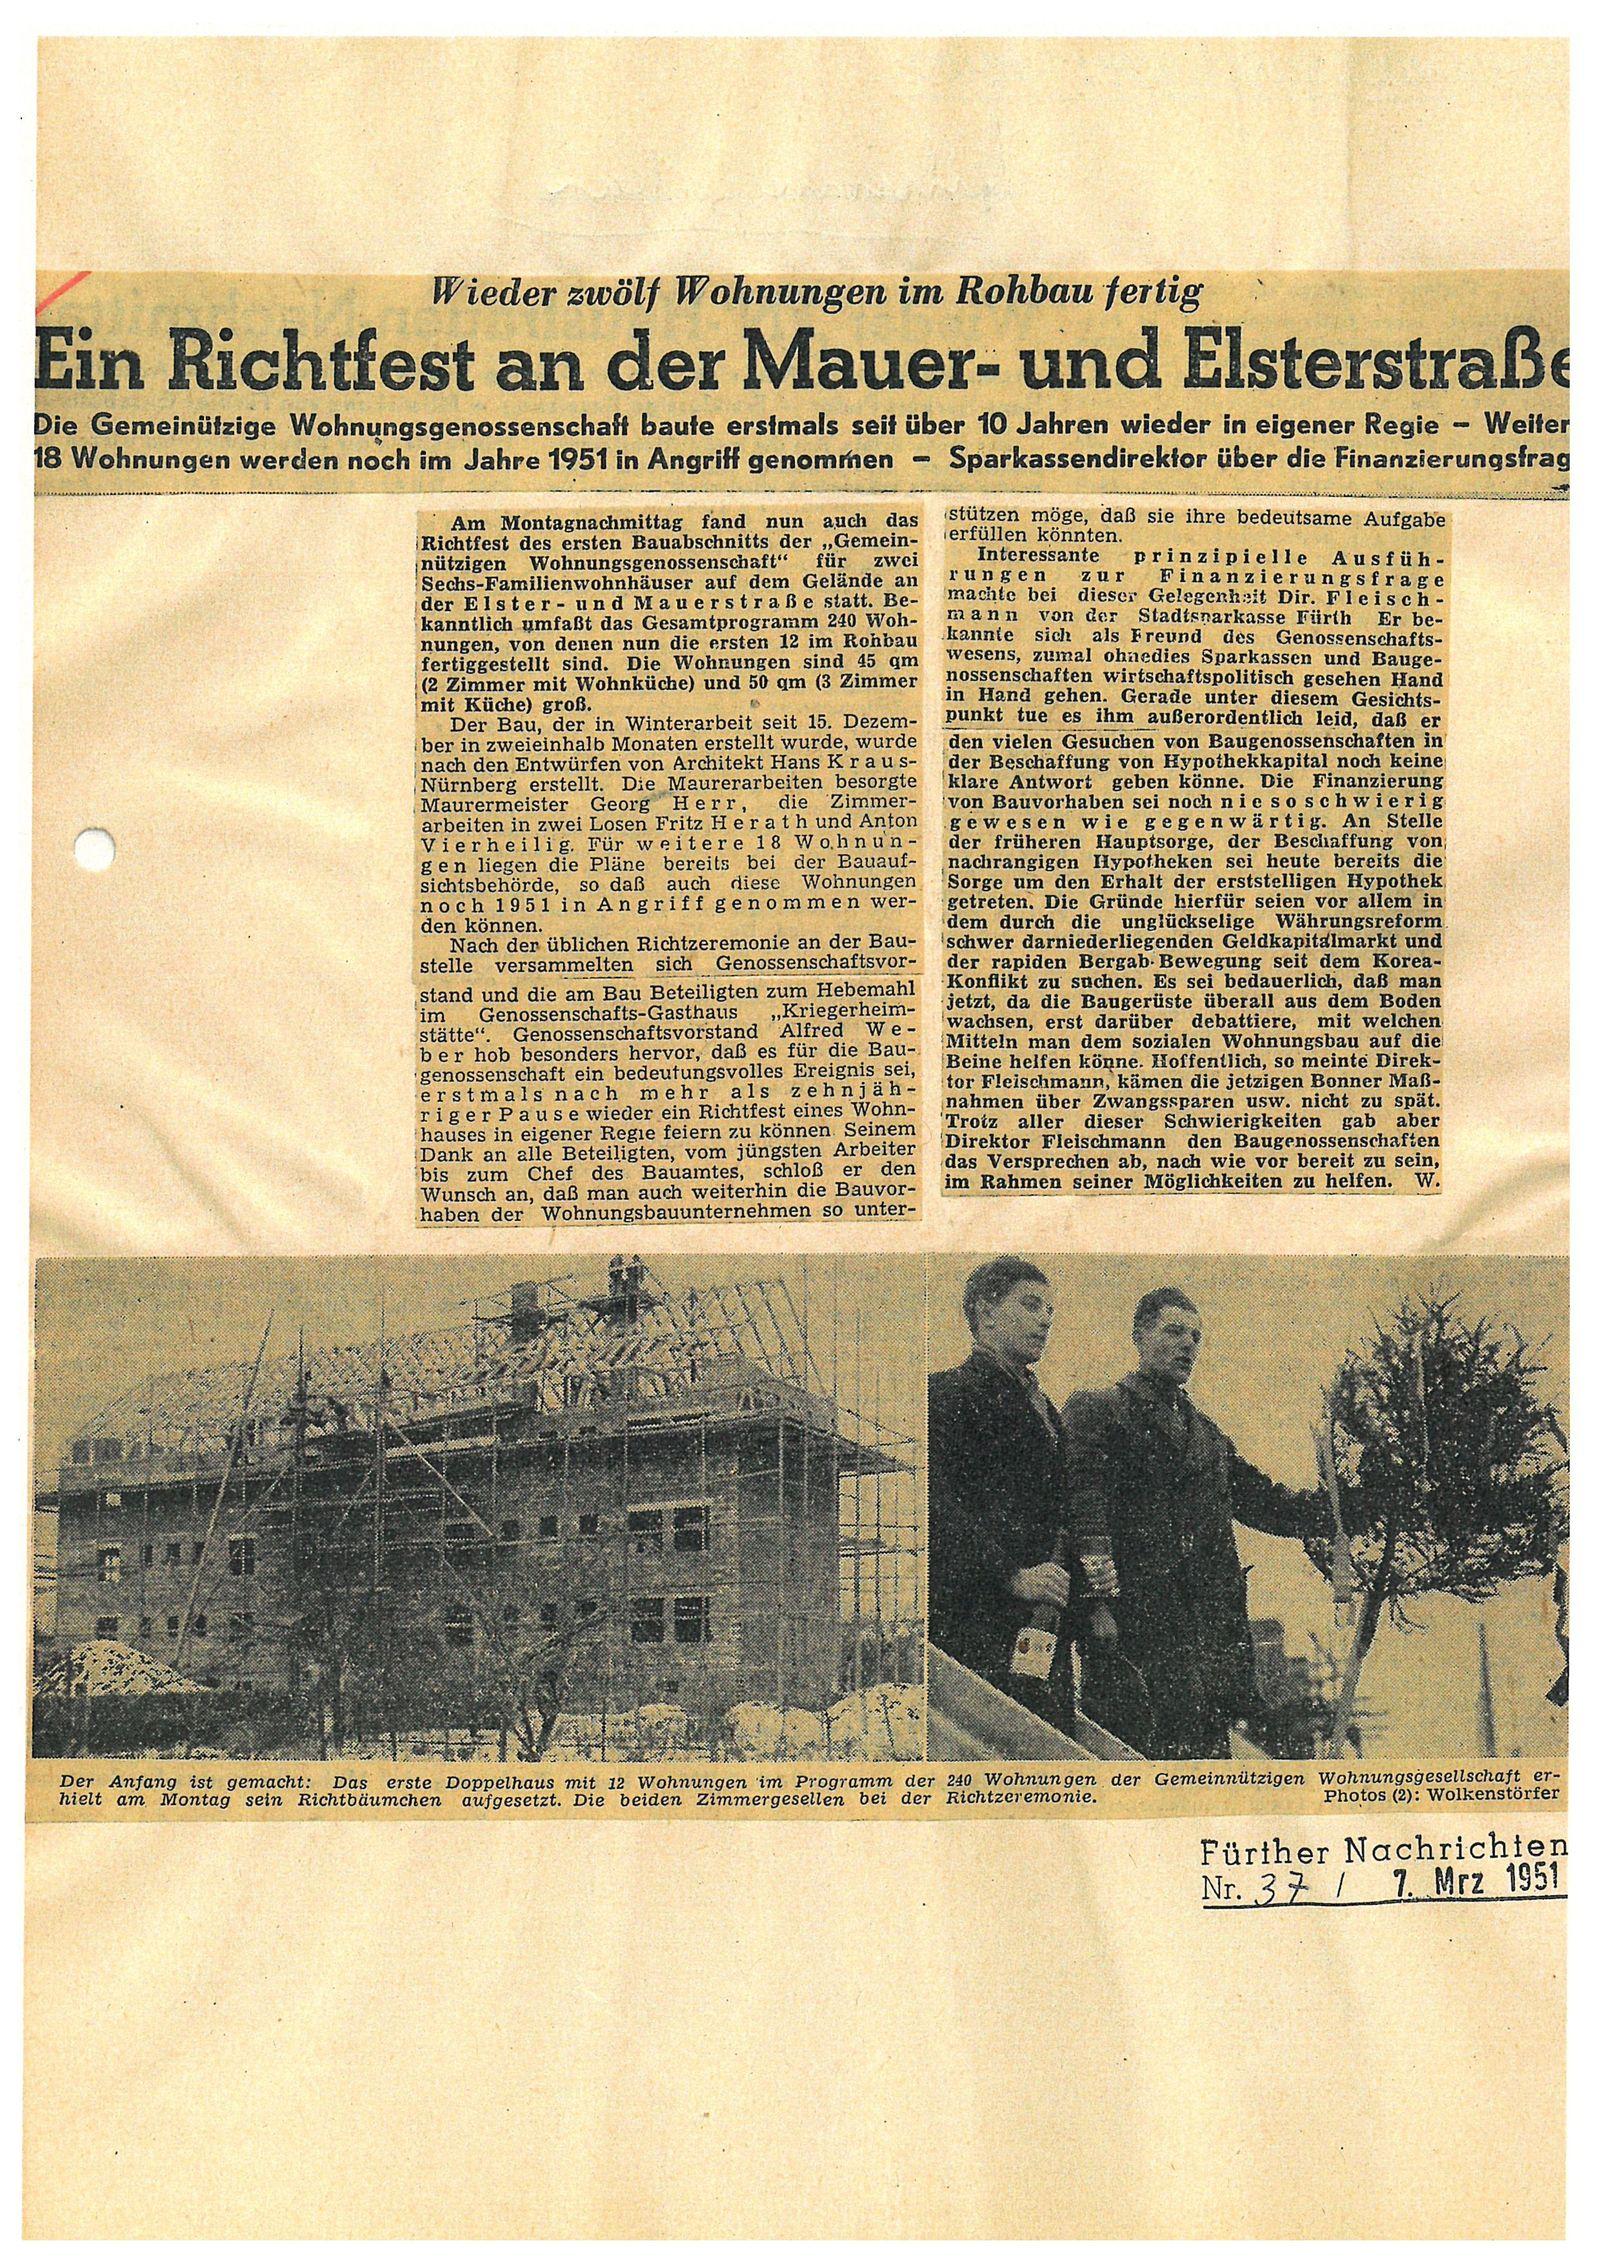 Ein Richtfest an der Mauer- und Elsterstraße …